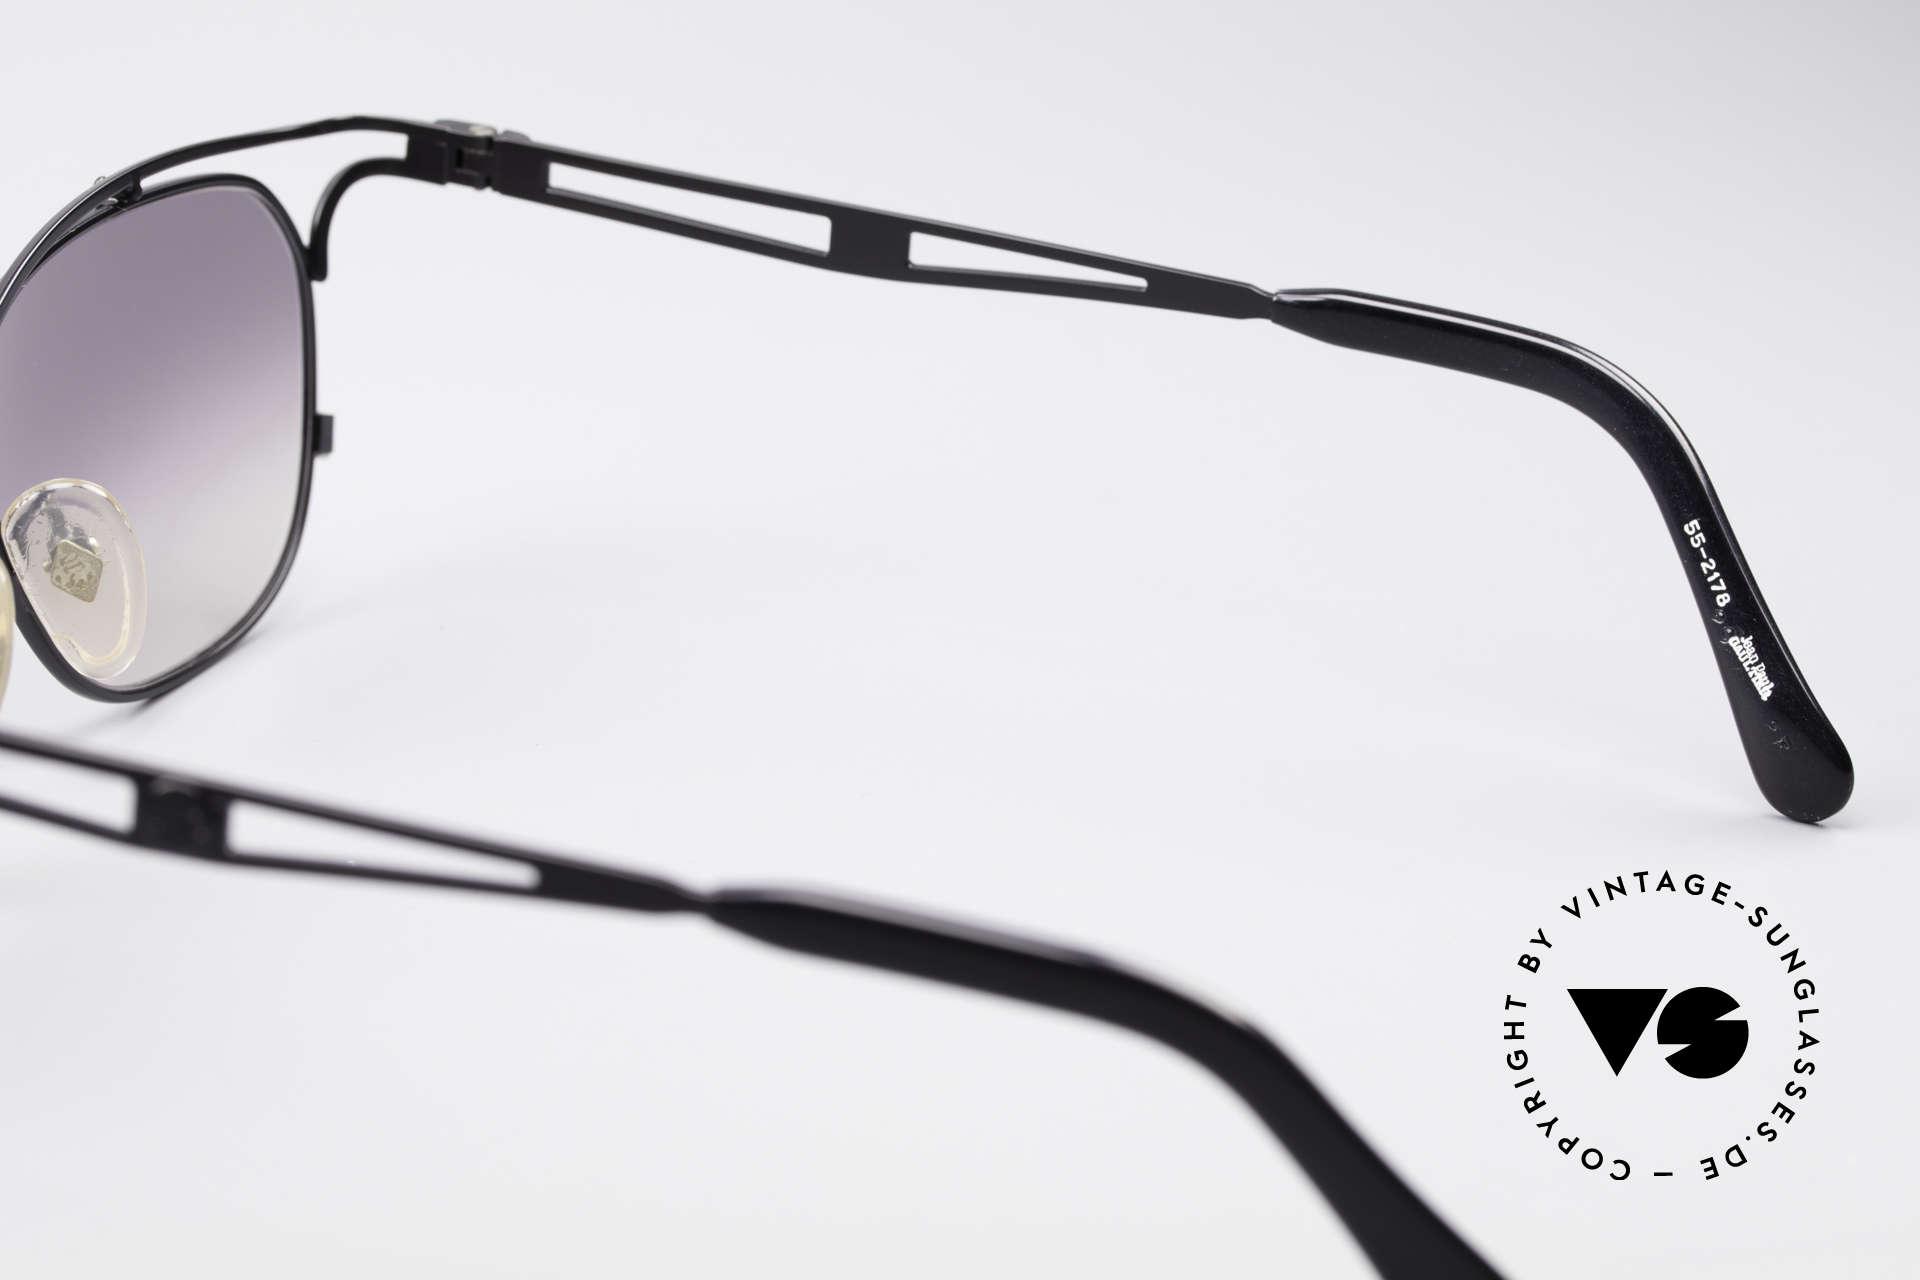 Jean Paul Gaultier 55-2178 No Retro JPG Designerbrille, die Fassung könnte auch optisch verglast werden, Passend für Herren und Damen